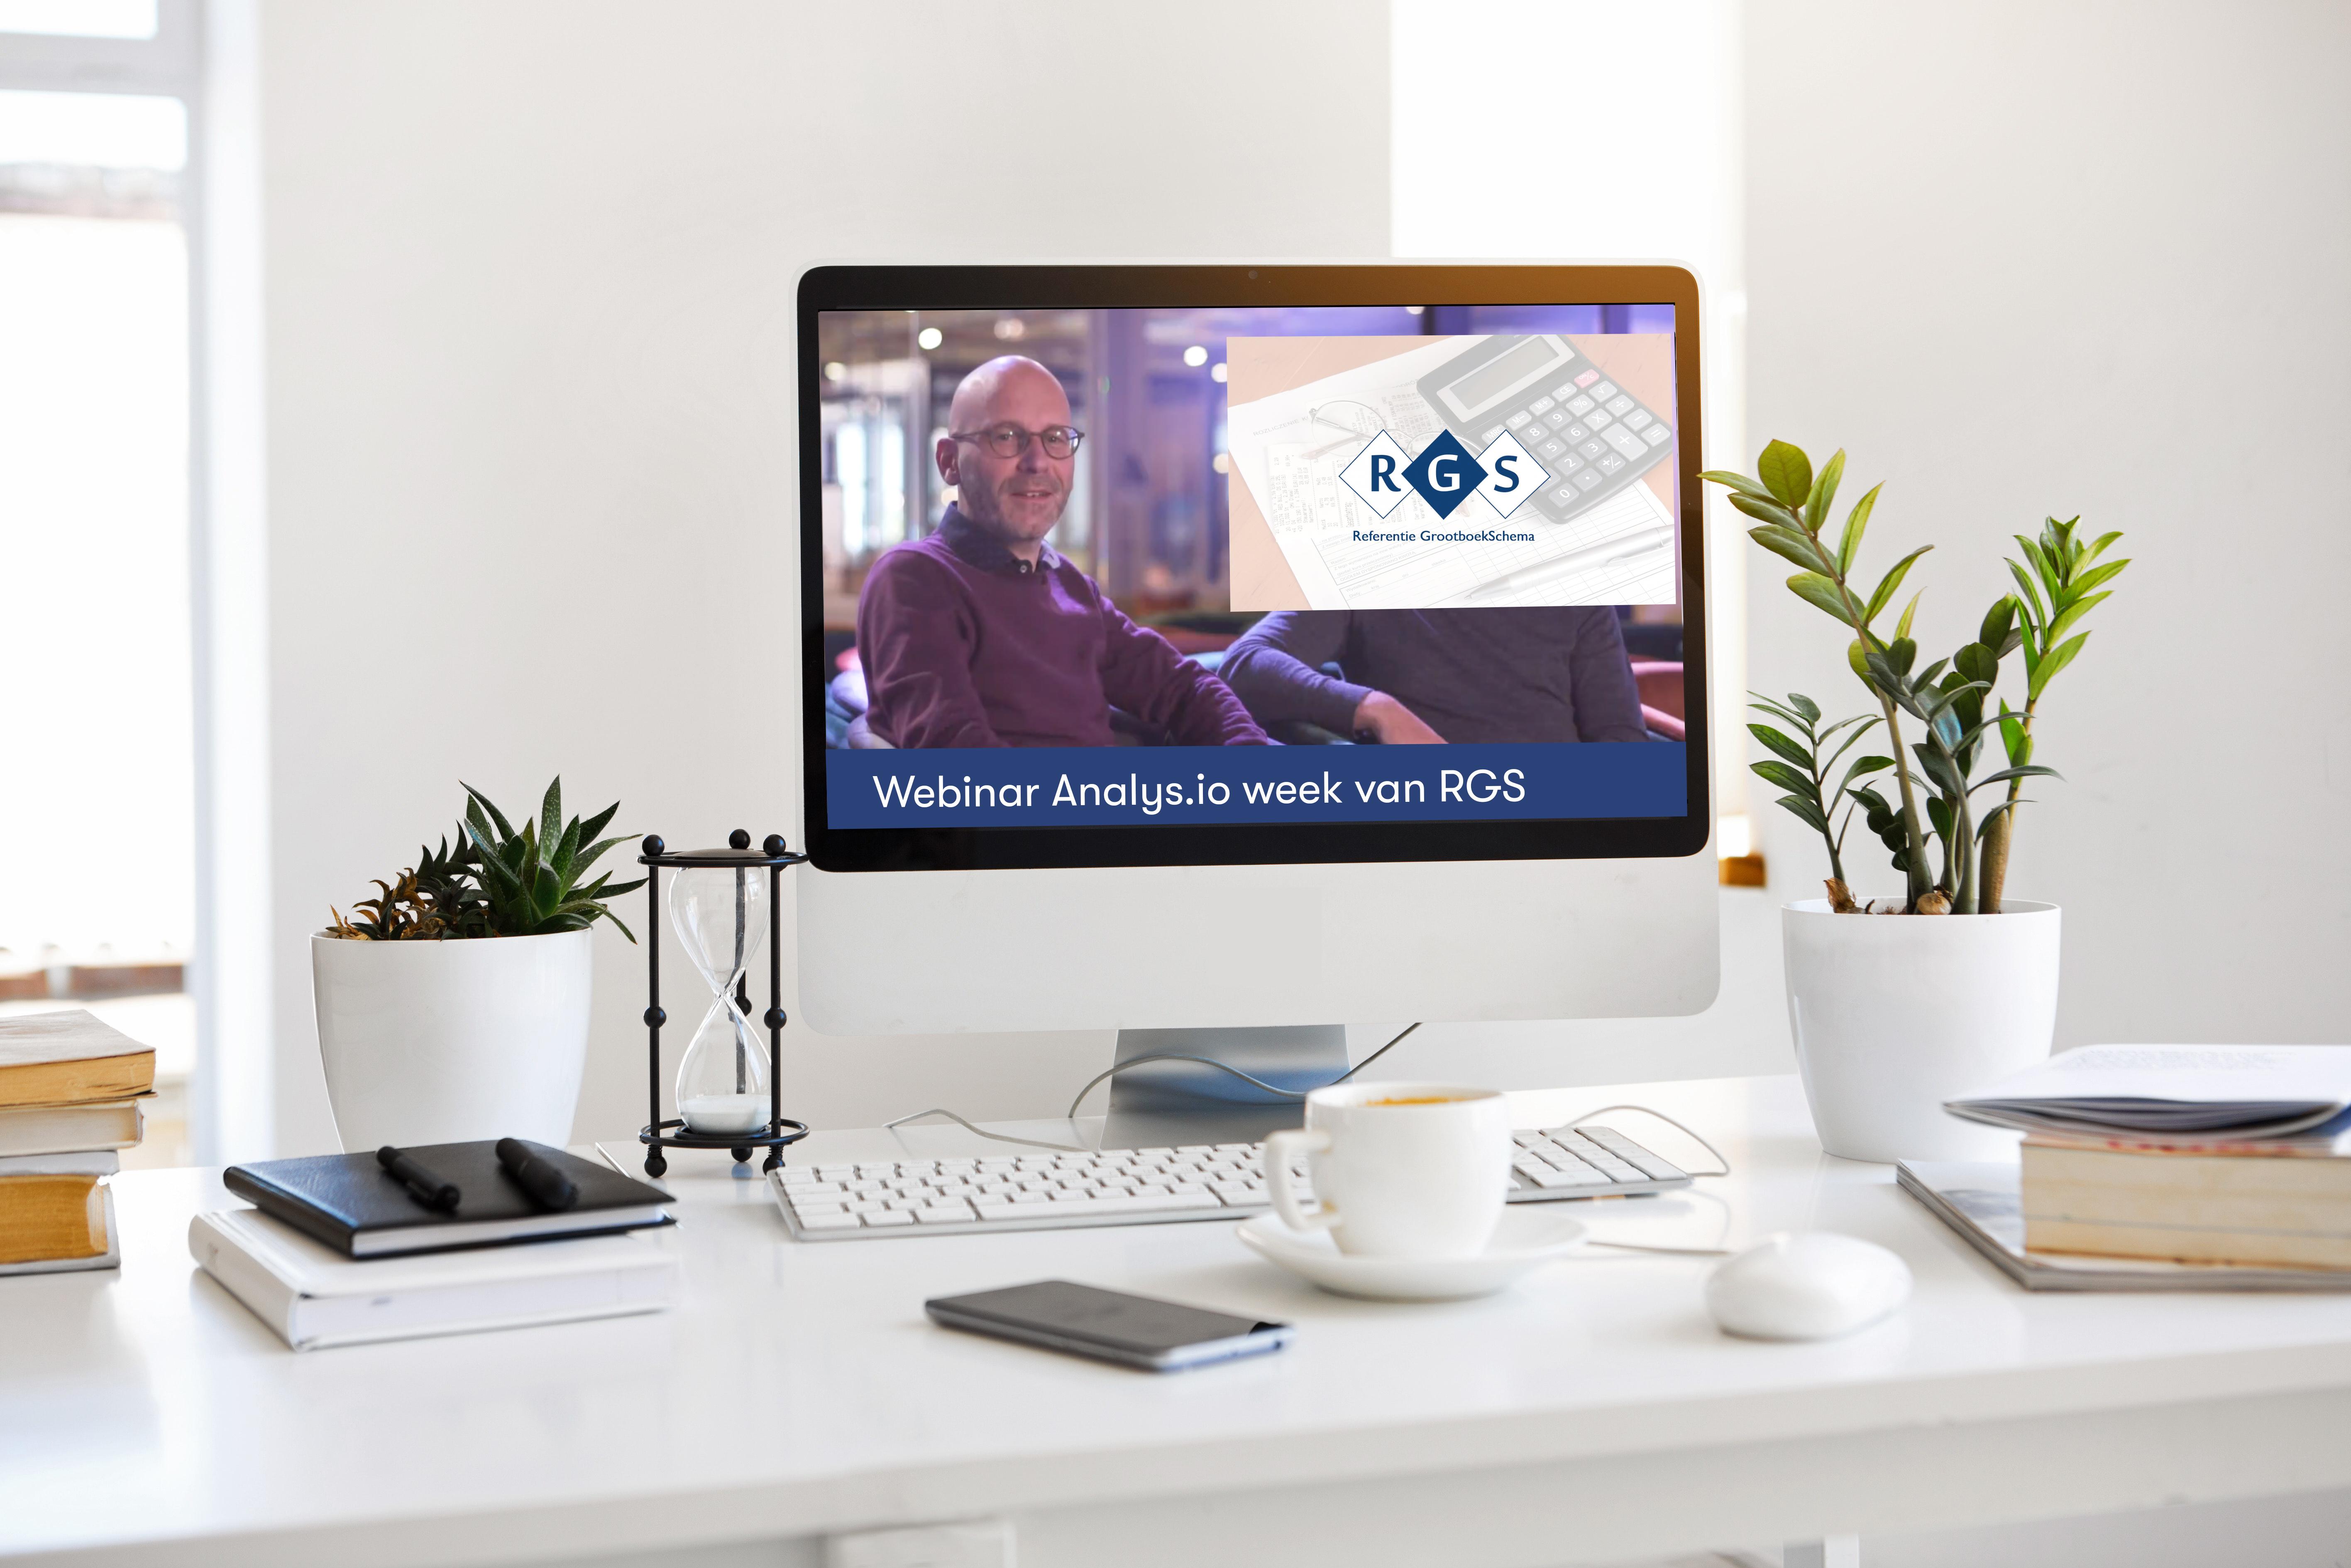 webinar analysio week van rgs